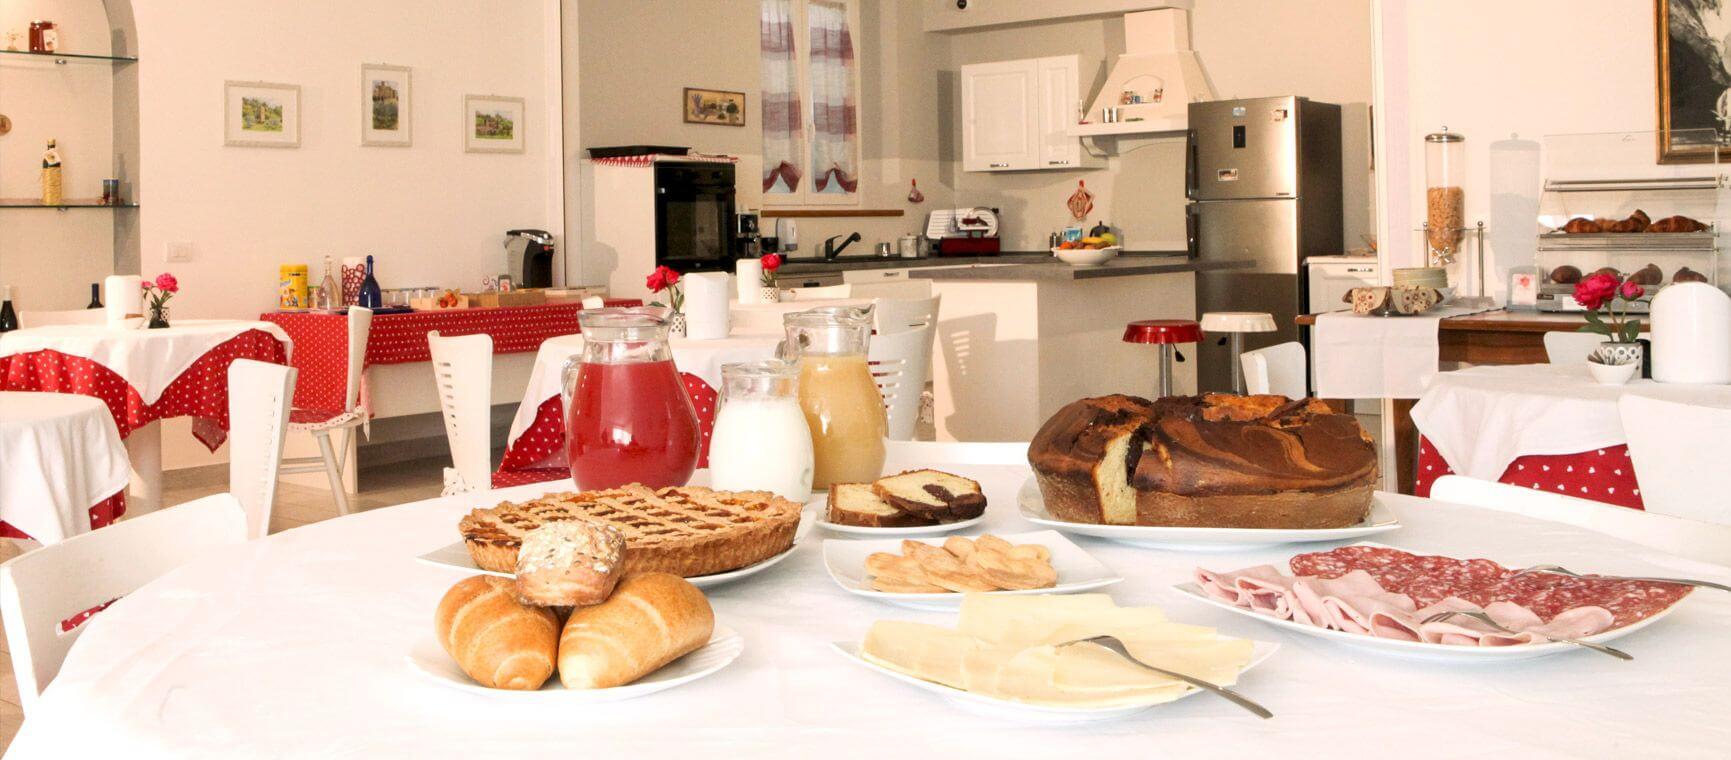 Sala colazioni dell'Agriturismo Bed & Breakfast Assisi All'Antica Mattonata